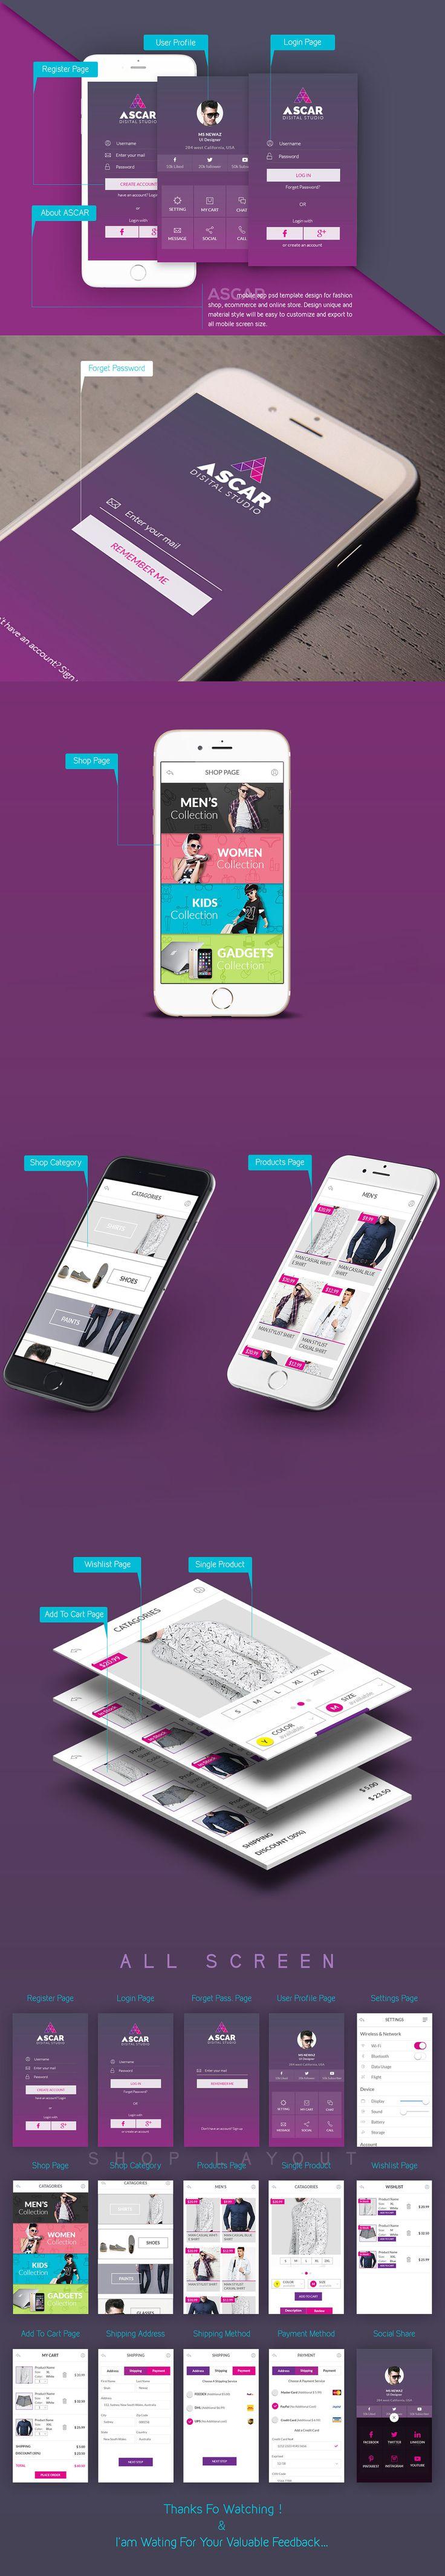 Ascar mobile app on Behance